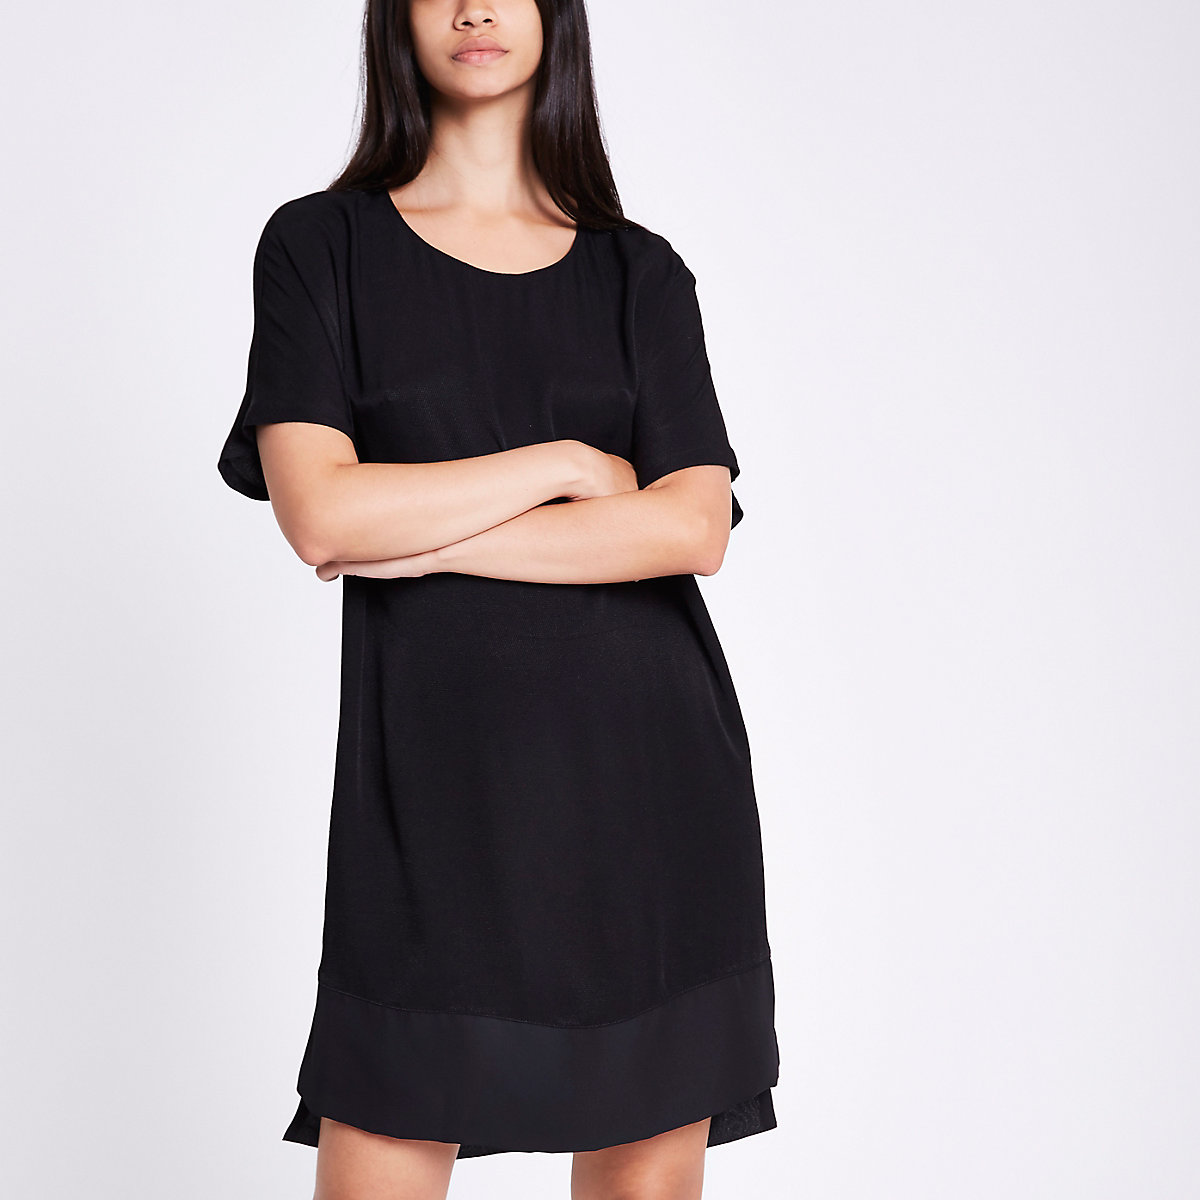 Robe noire à manches courtes et ourlet transparent